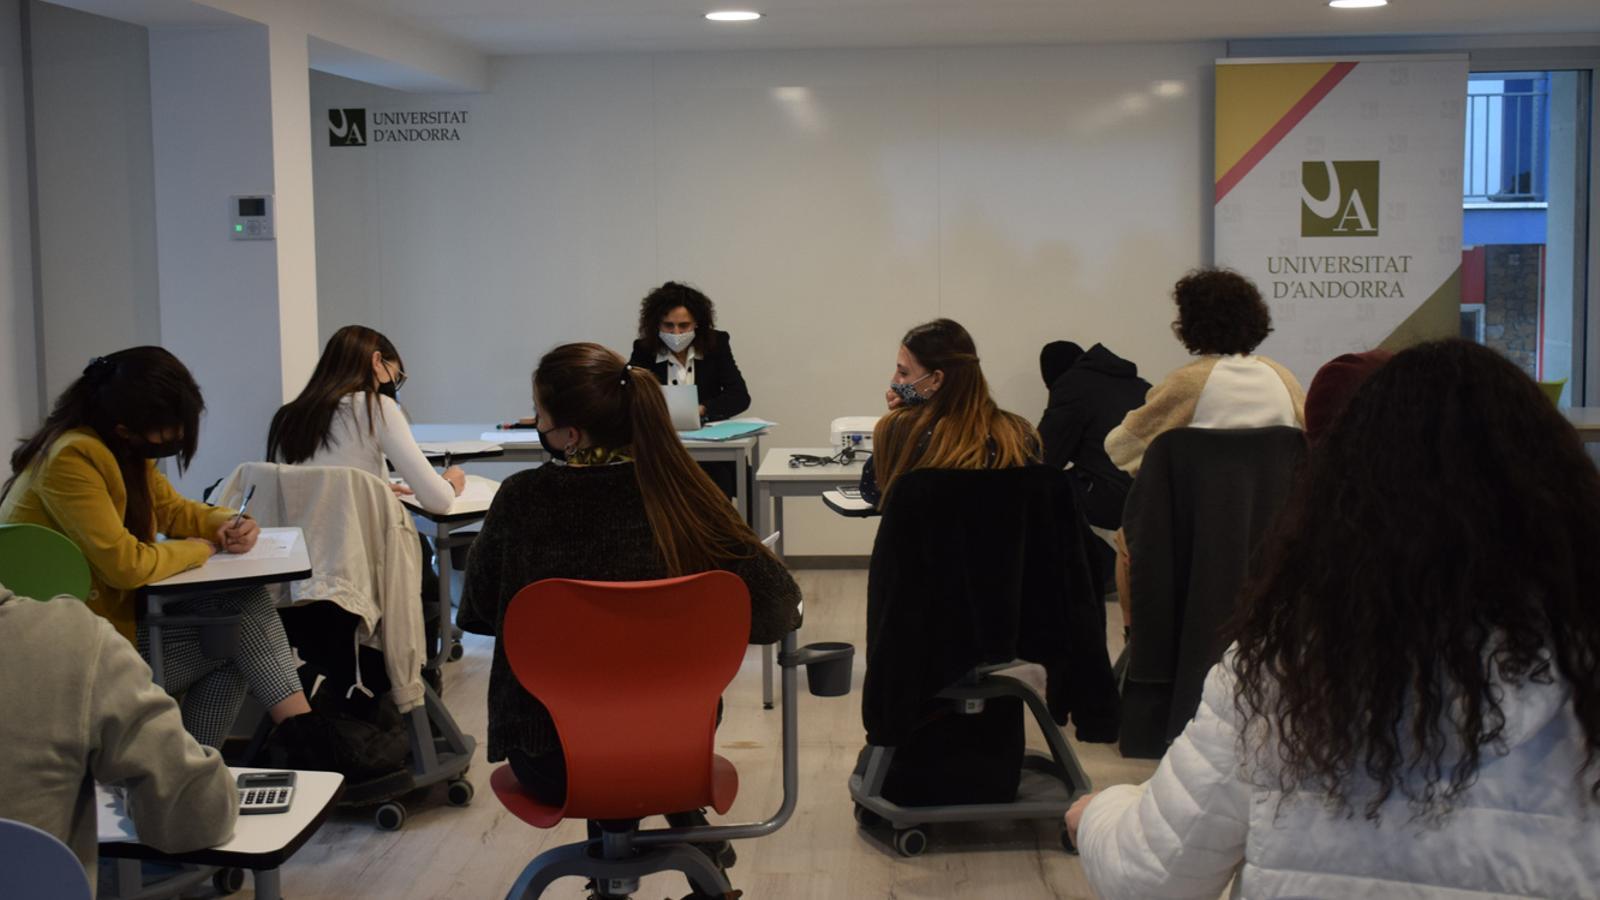 Primeres classes al nou edifici el 'Cub' de la Universitat d'Andorra. / A. S. (ANA)